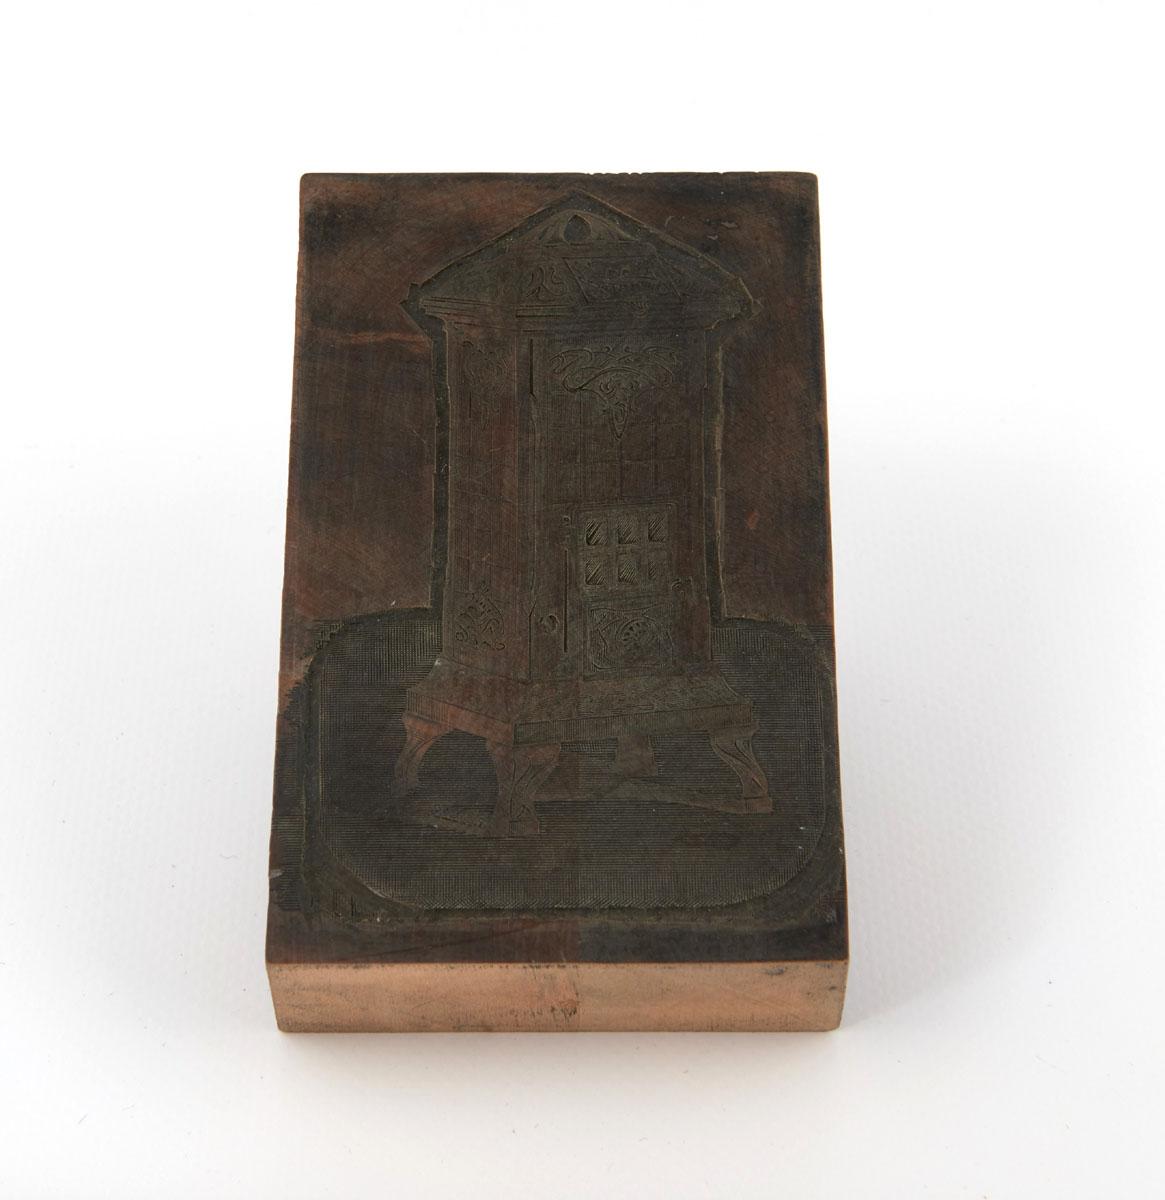 Vue du bois gravé représentant le calorifère n° 164-168.